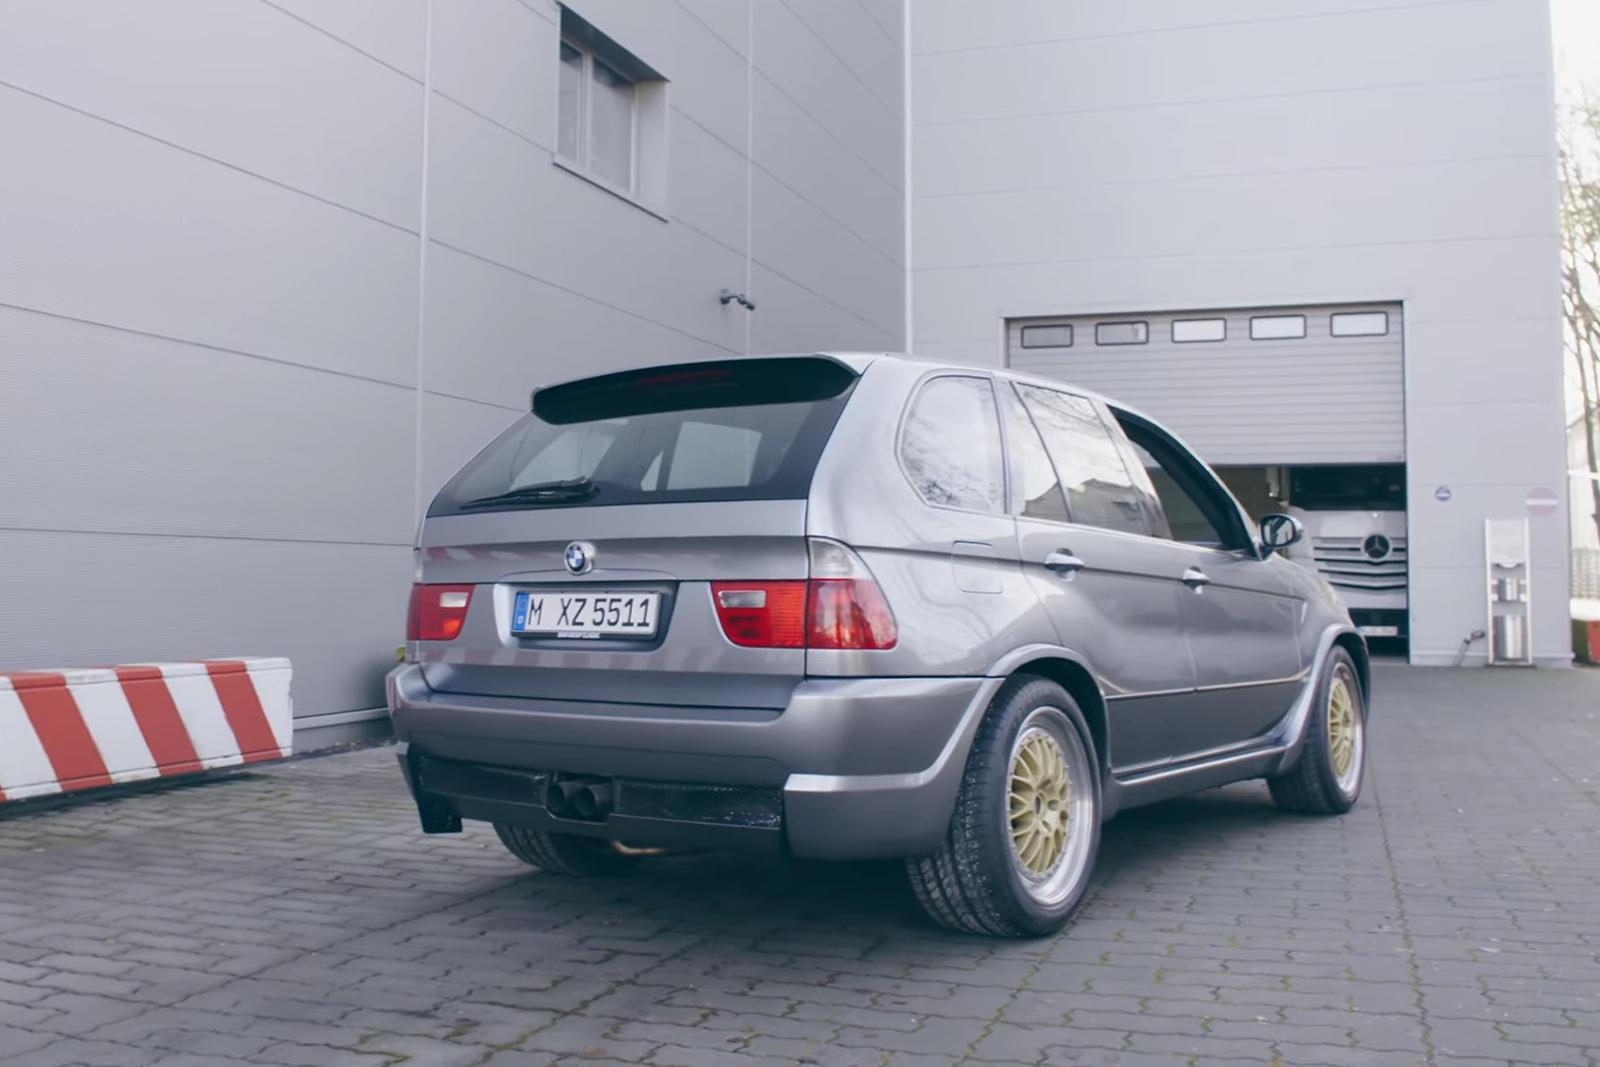 Это был BMW X5 Le Mans, который в течение двух десятилетий удерживал рекорд круга внедорожников на Нюрбургринге. 7 минут 49 секунд - заезд Ханса-Иоахима Штука (в котором он разогнался до 311 км/ч) был побит Lamborghini Urus. Разница была меньше 7 сек